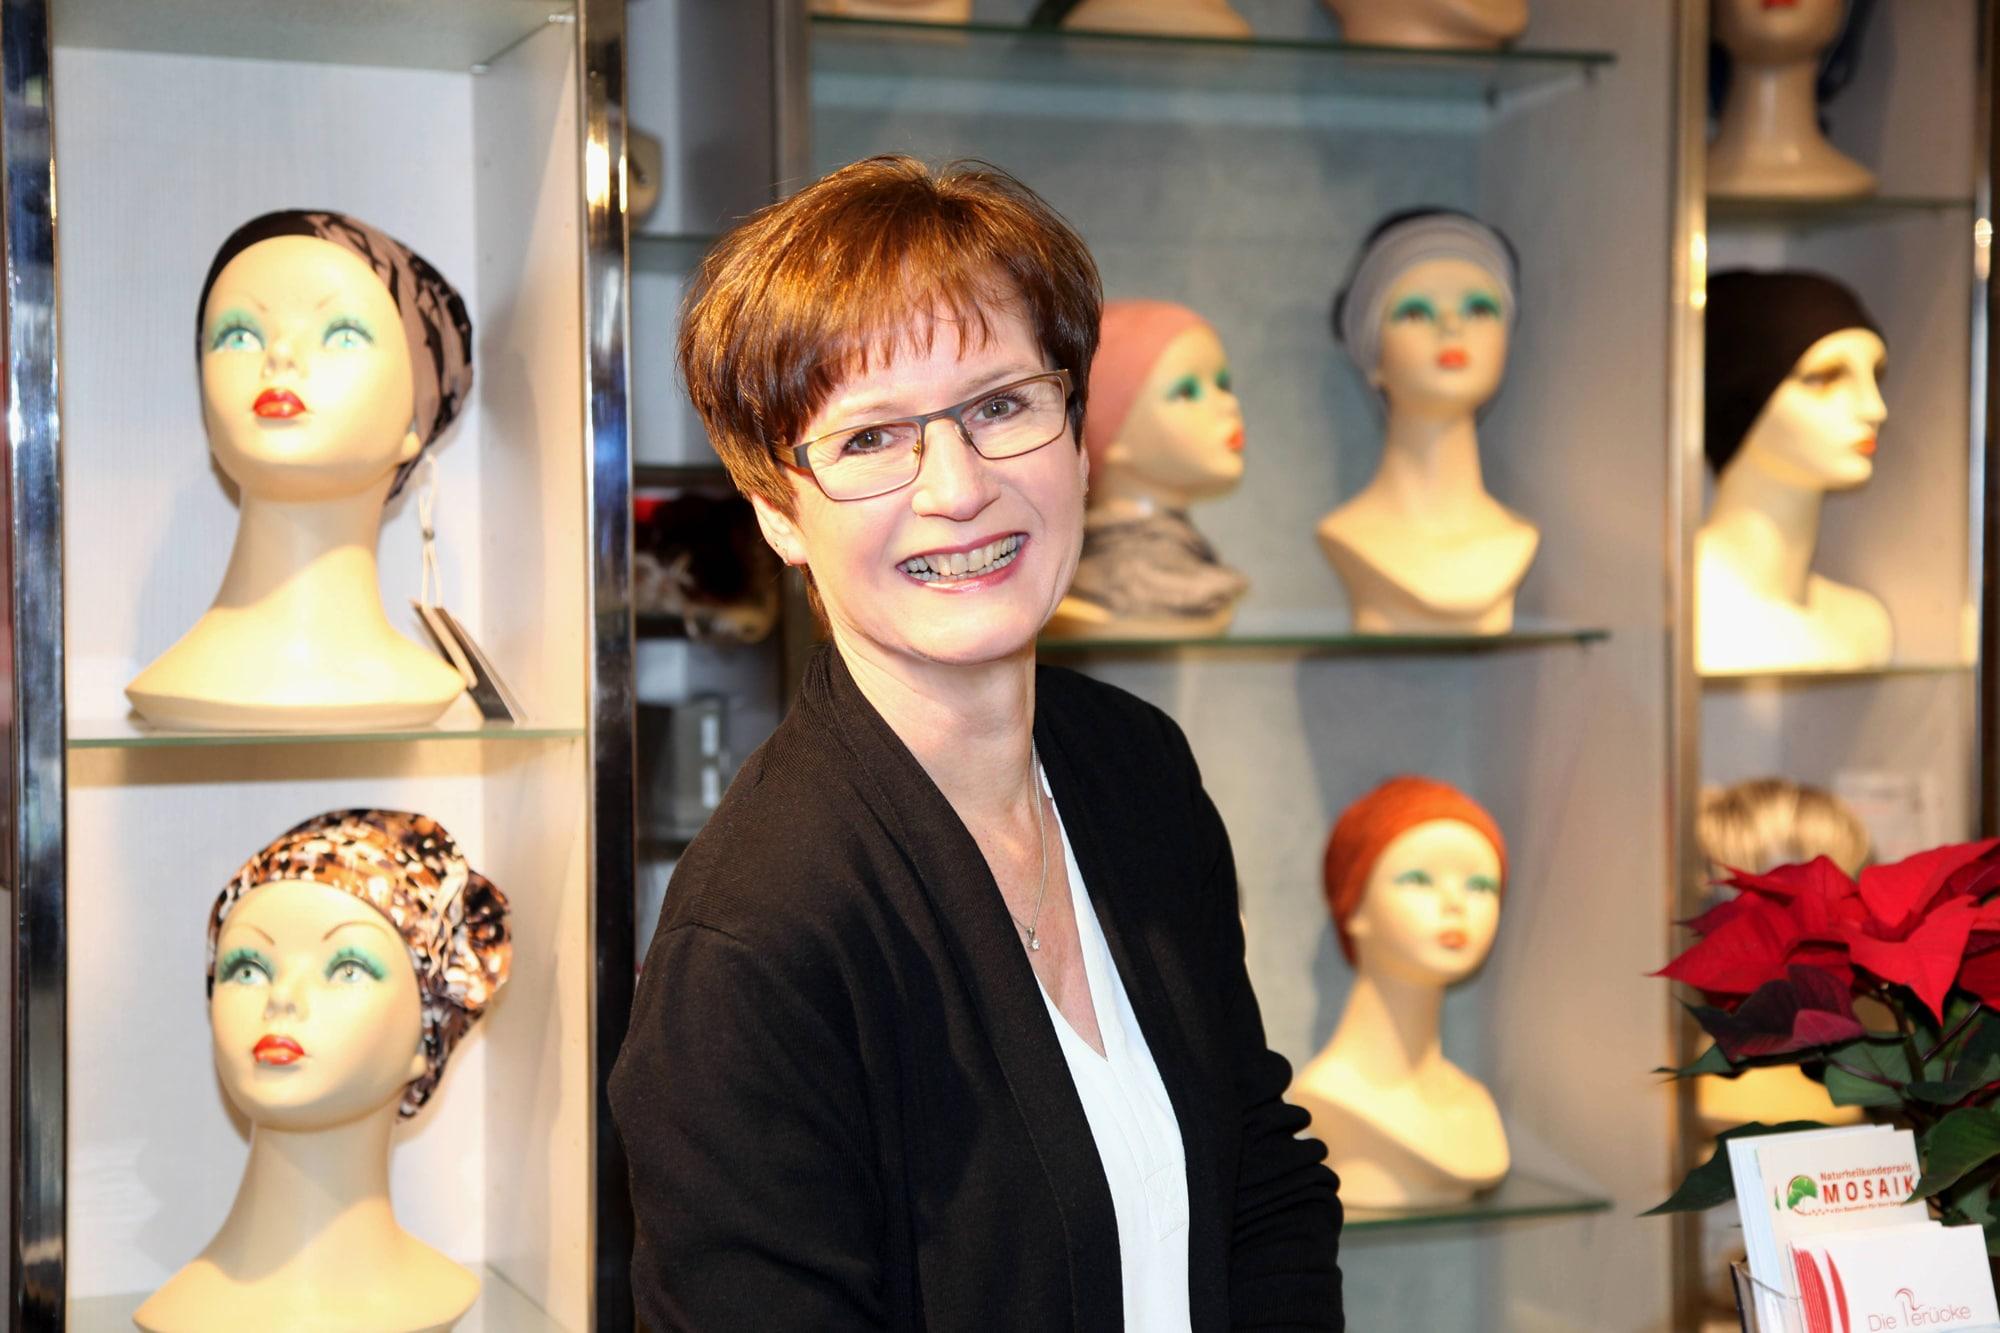 Birgit Kröger Die Perücke Hannover